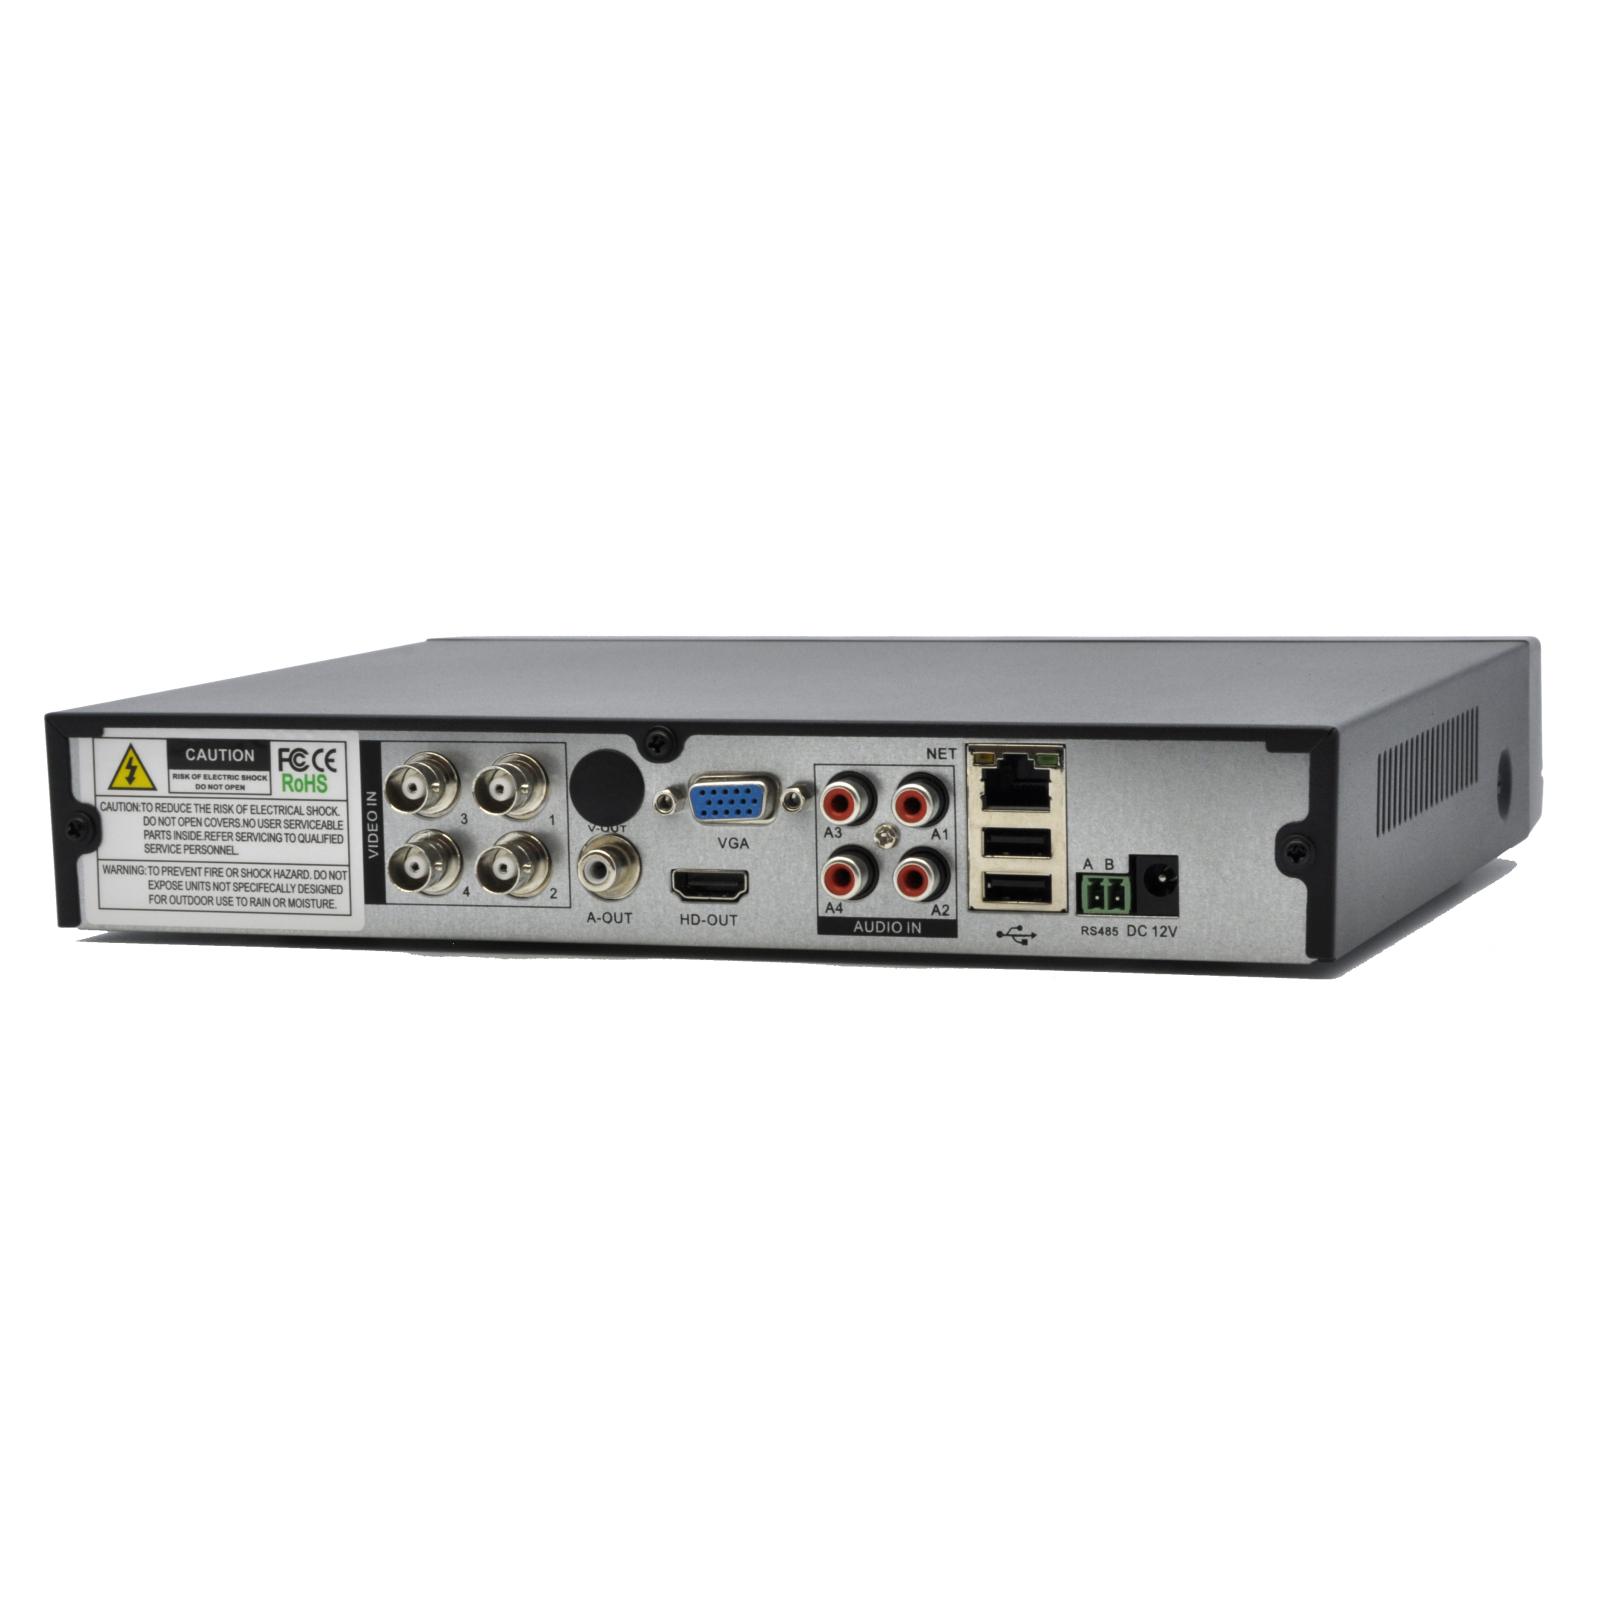 Регистратор для видеонаблюдения GreenVision AHD GV-A-S 030/04 (4237) изображение 4